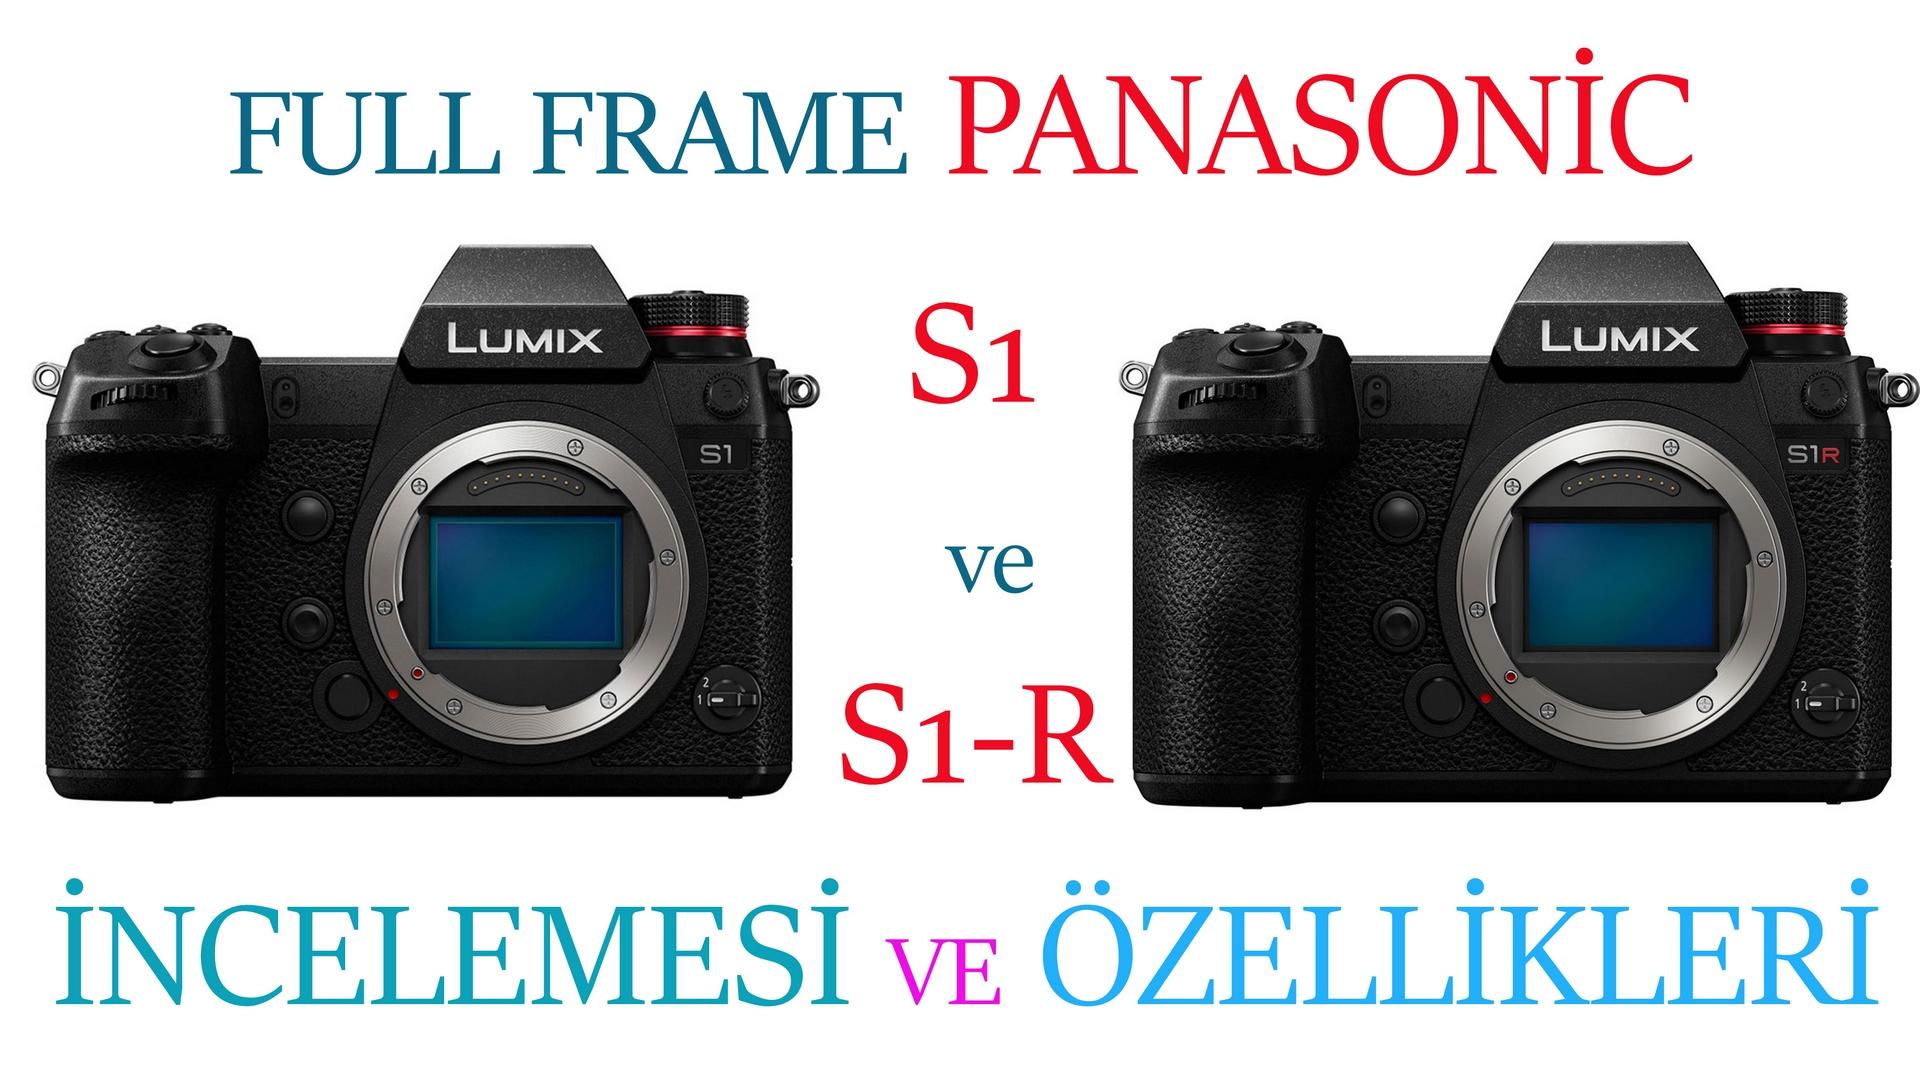 Aynasız Full Frame Panasonic S1 ve S1-R İNCELEMESİ ve Özellikleri